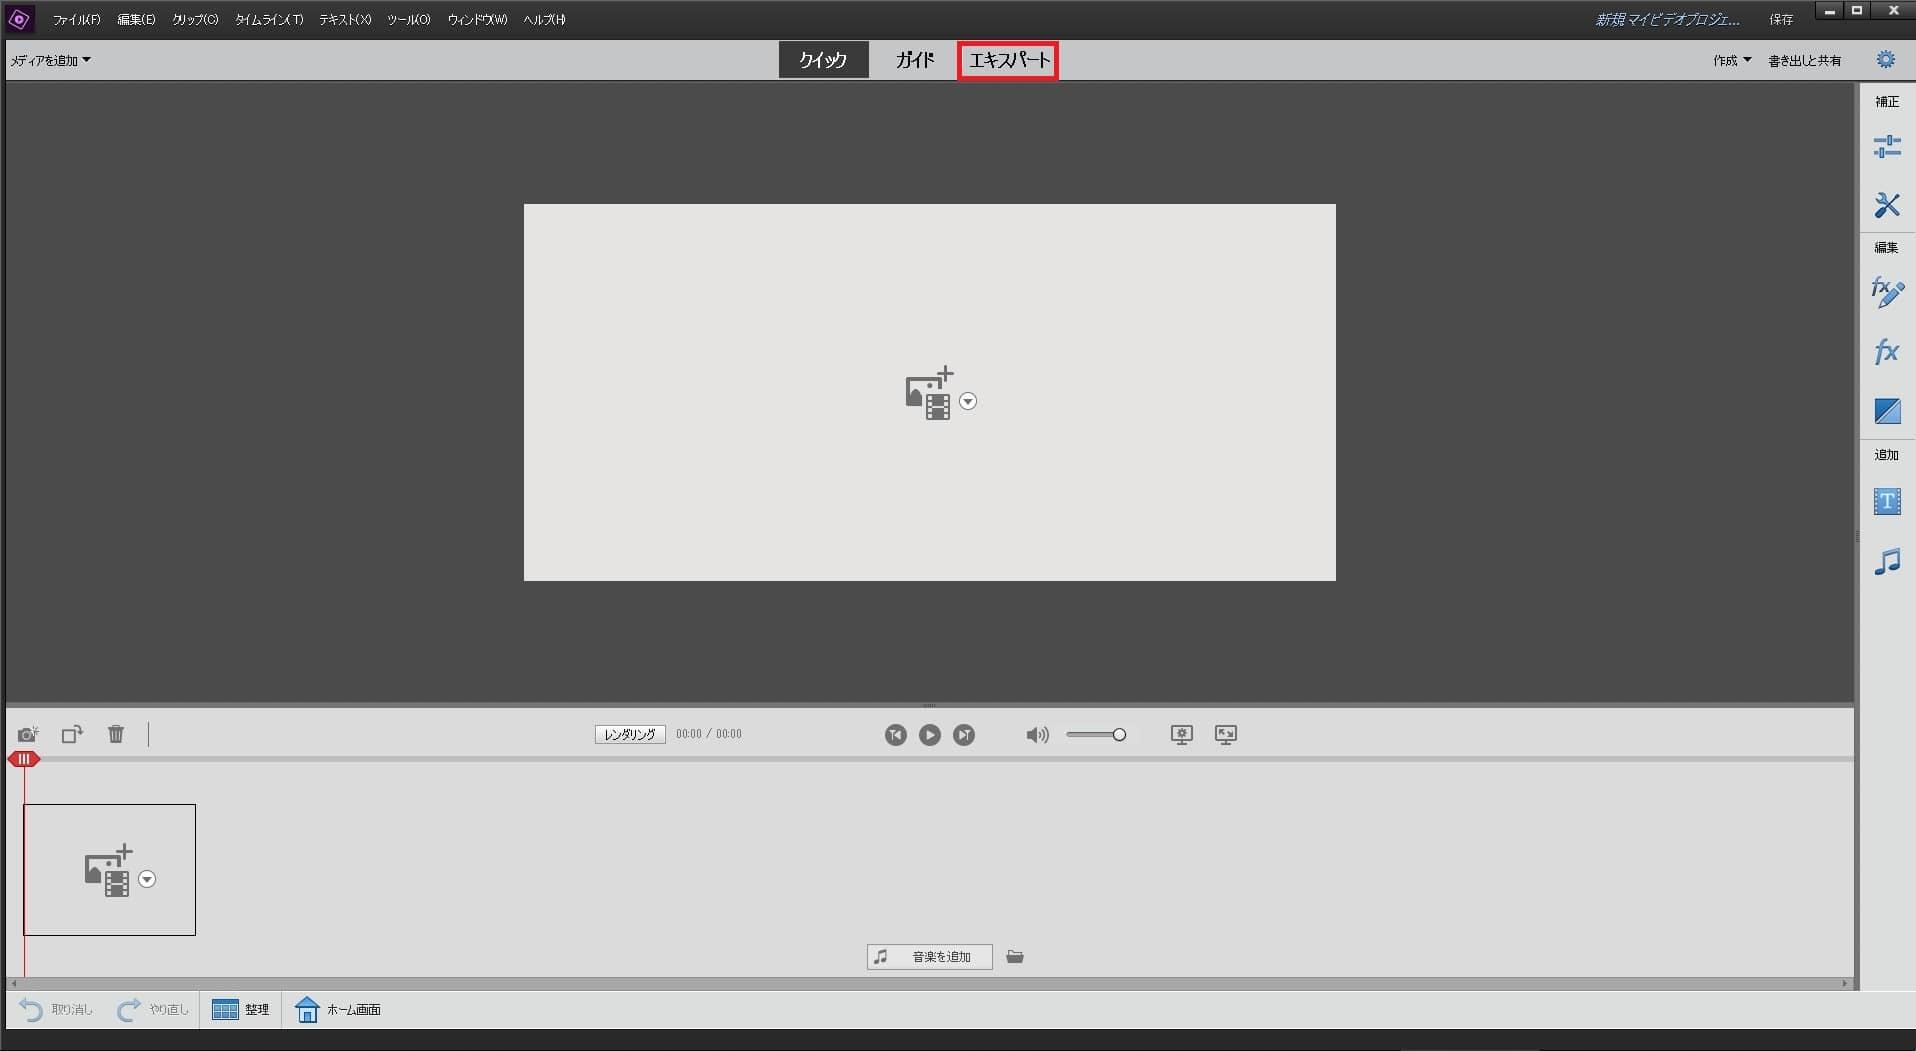 クイックモード Adobe Premiere Elements2019の使い方(1) 機能の紹介 動画編集ソフト アドビプレミアエレメンツ入門